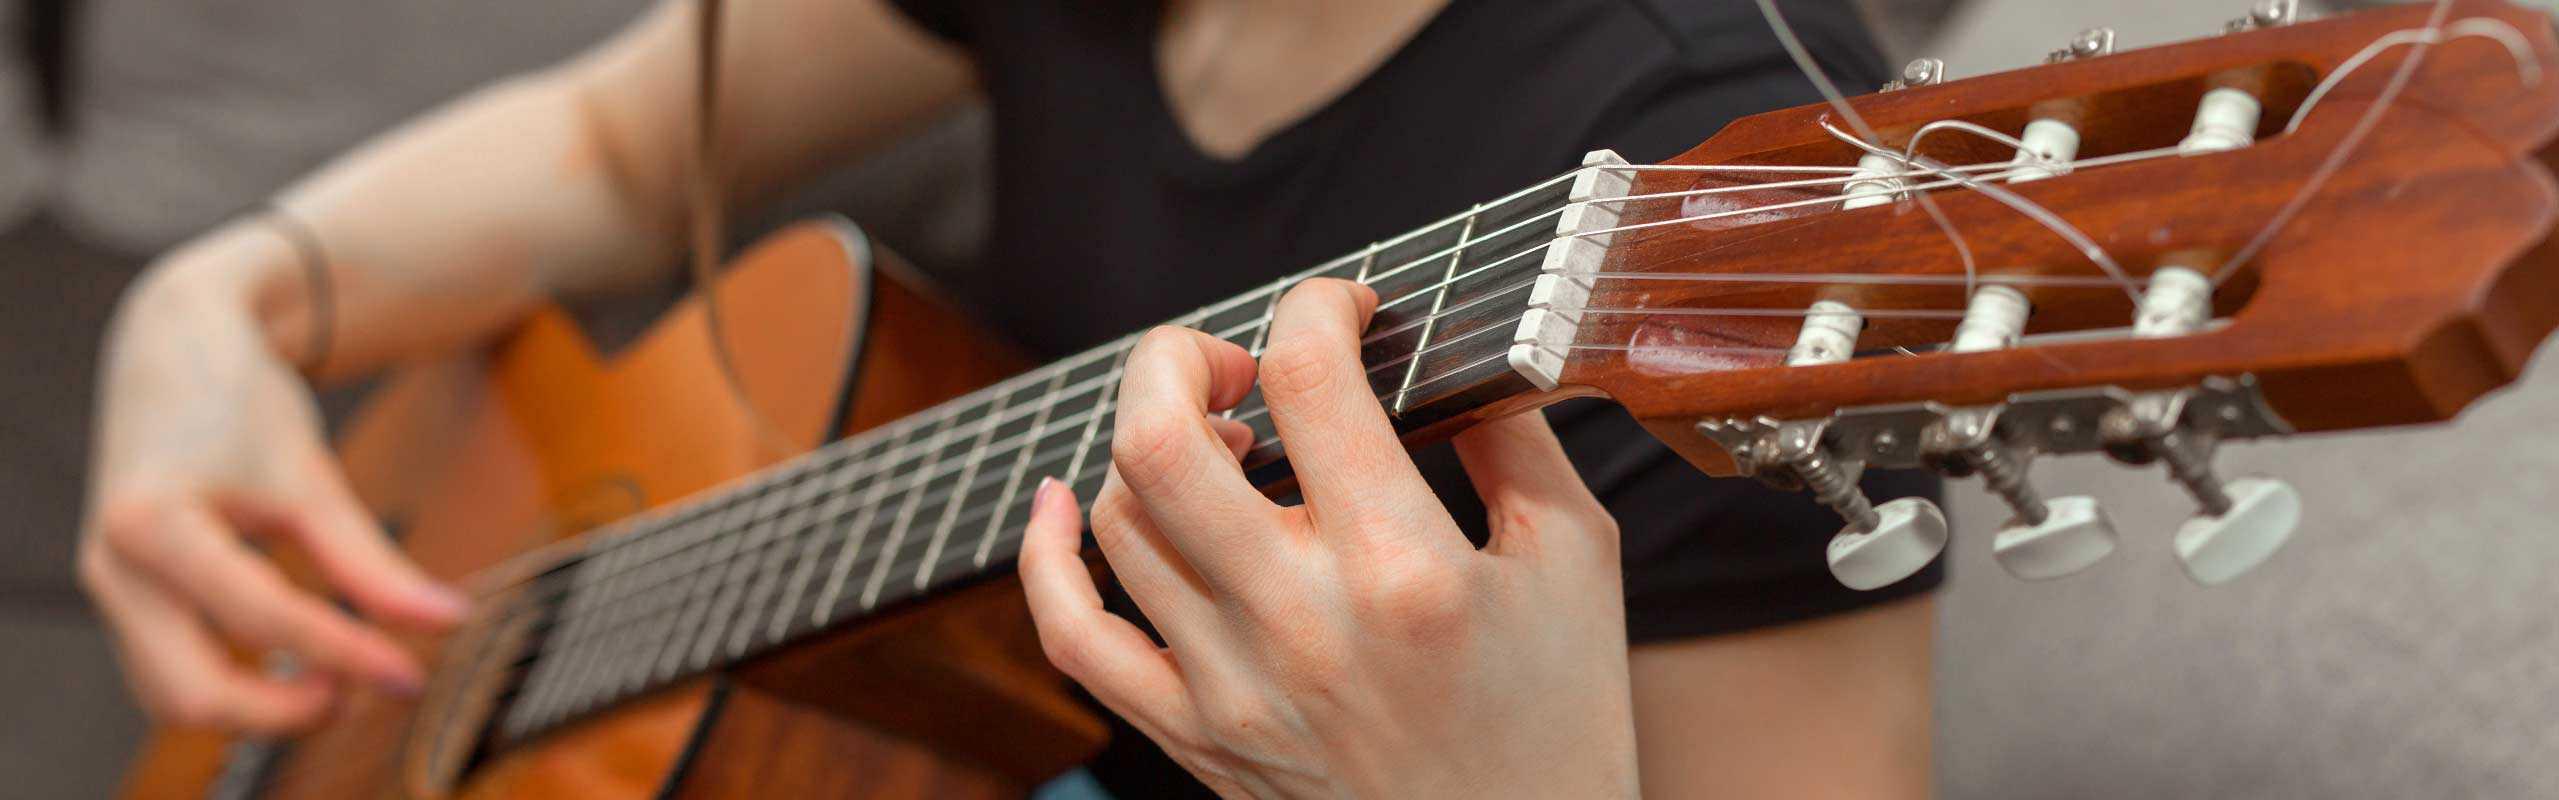 Descubre cuales son los beneficios de la musicterapia en nuestra vida